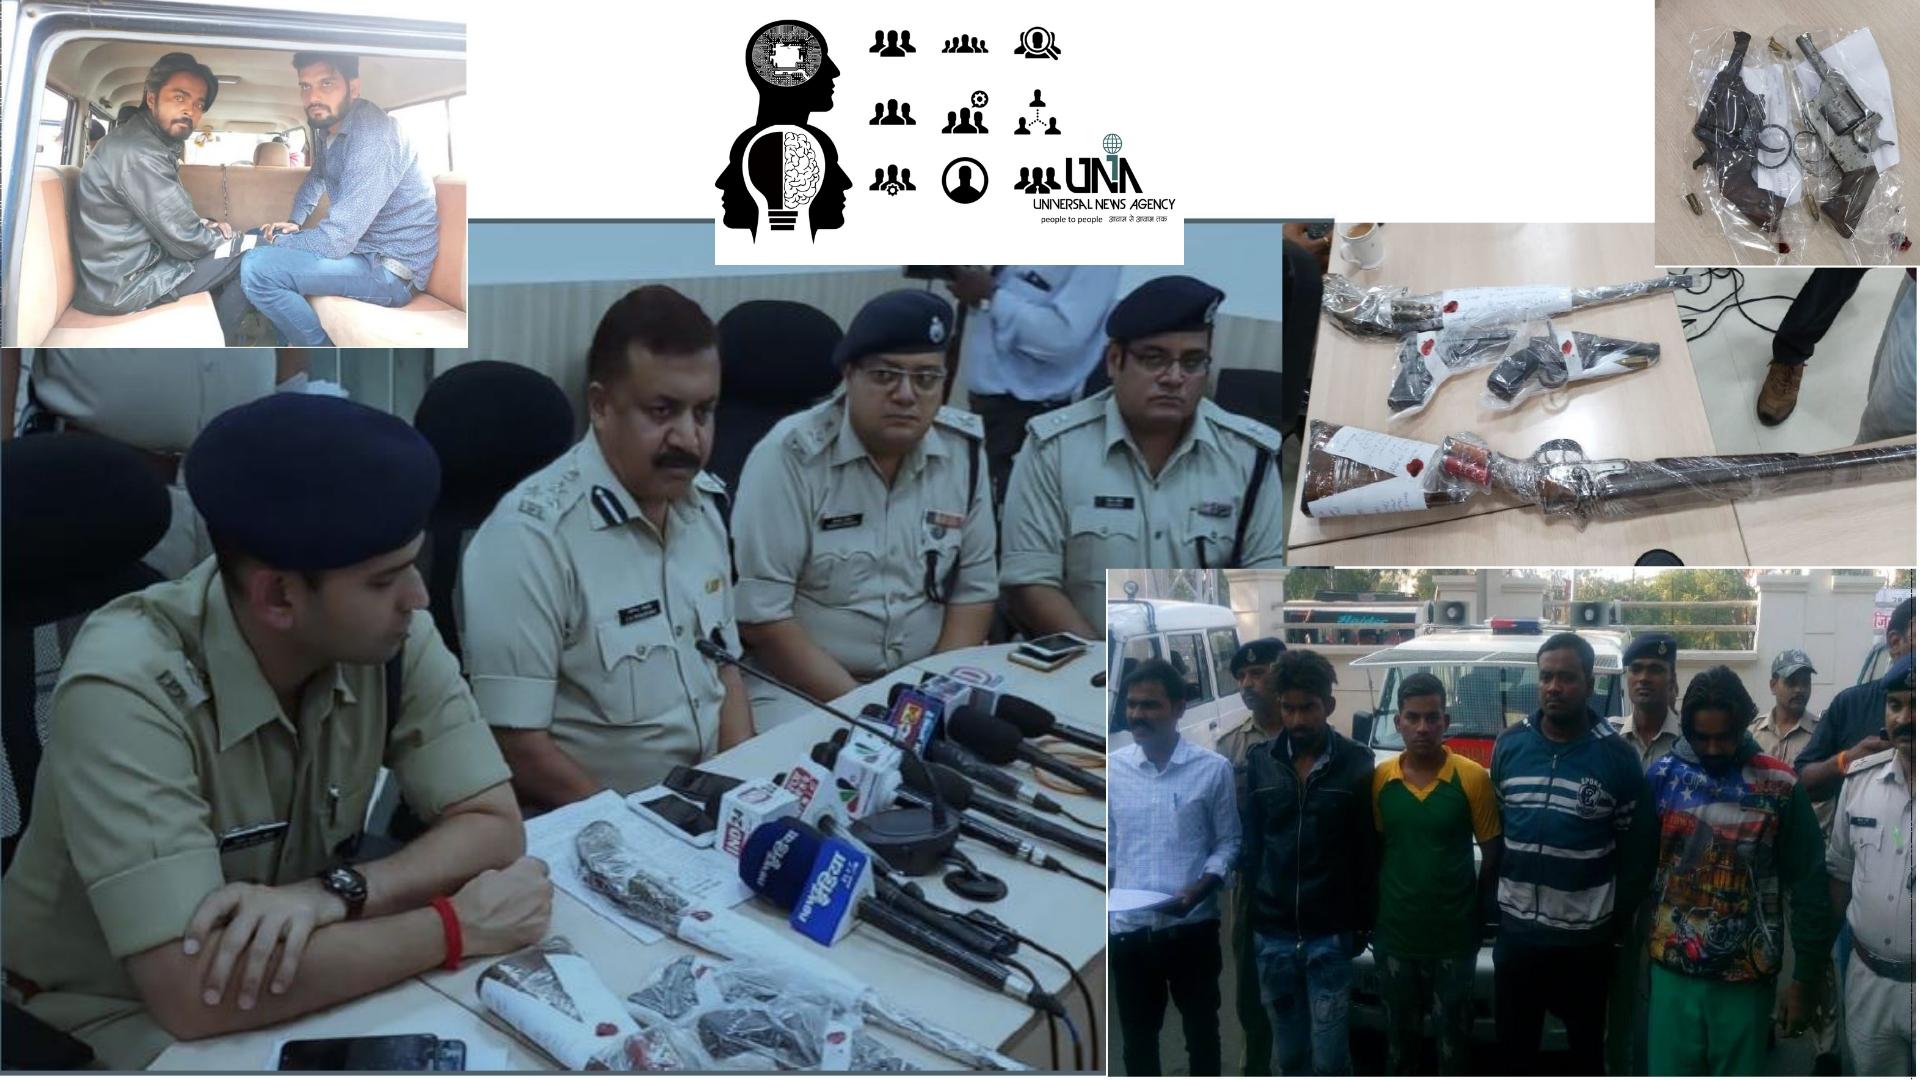 भोपाल पुलिस ने किया अवैध हथियारों का जखीरा बरामद